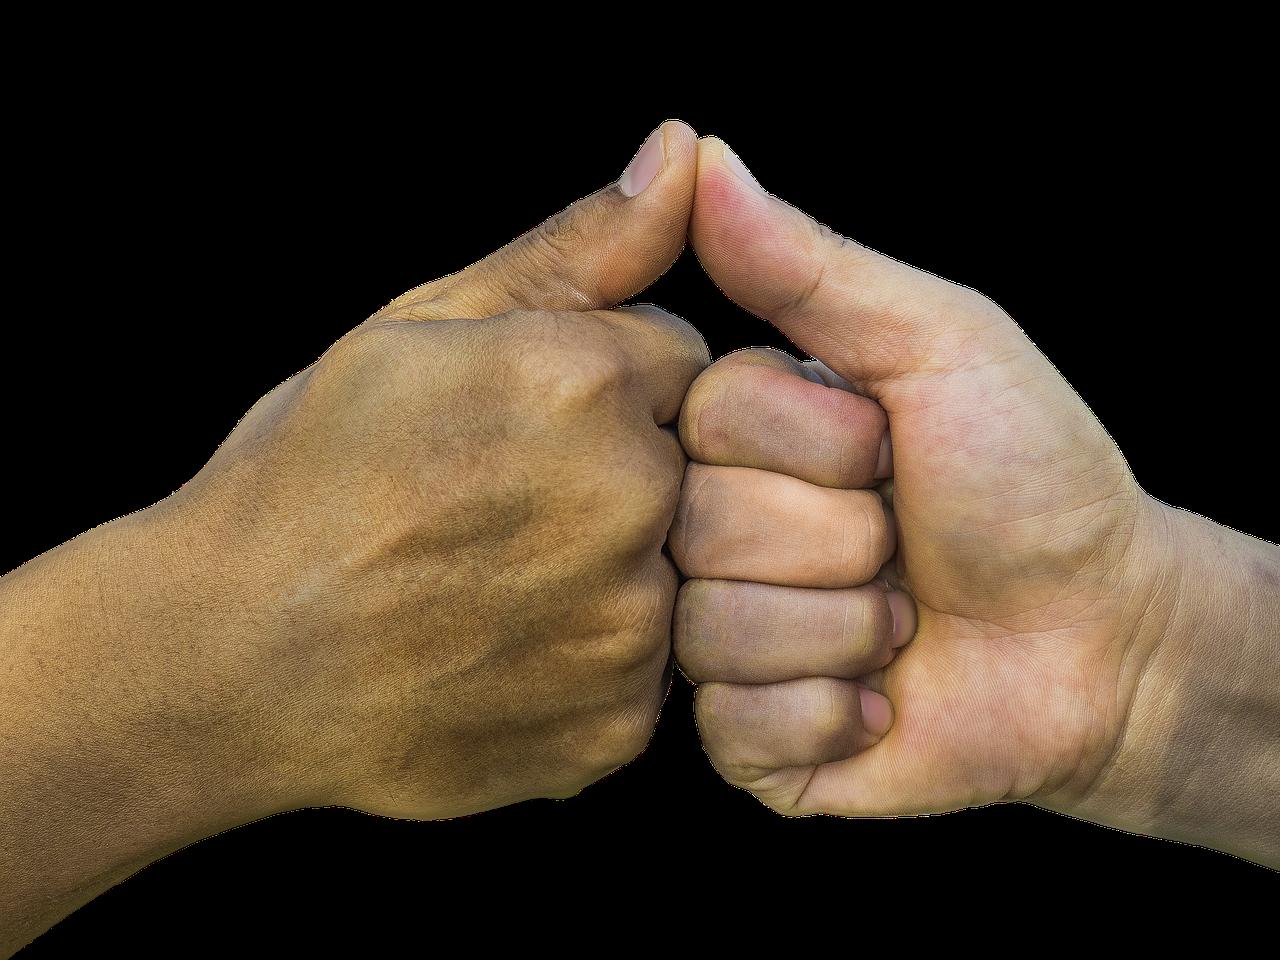 指の筋肉痛ってあるの?鍛える方法とは・・オススメは指懸垂!